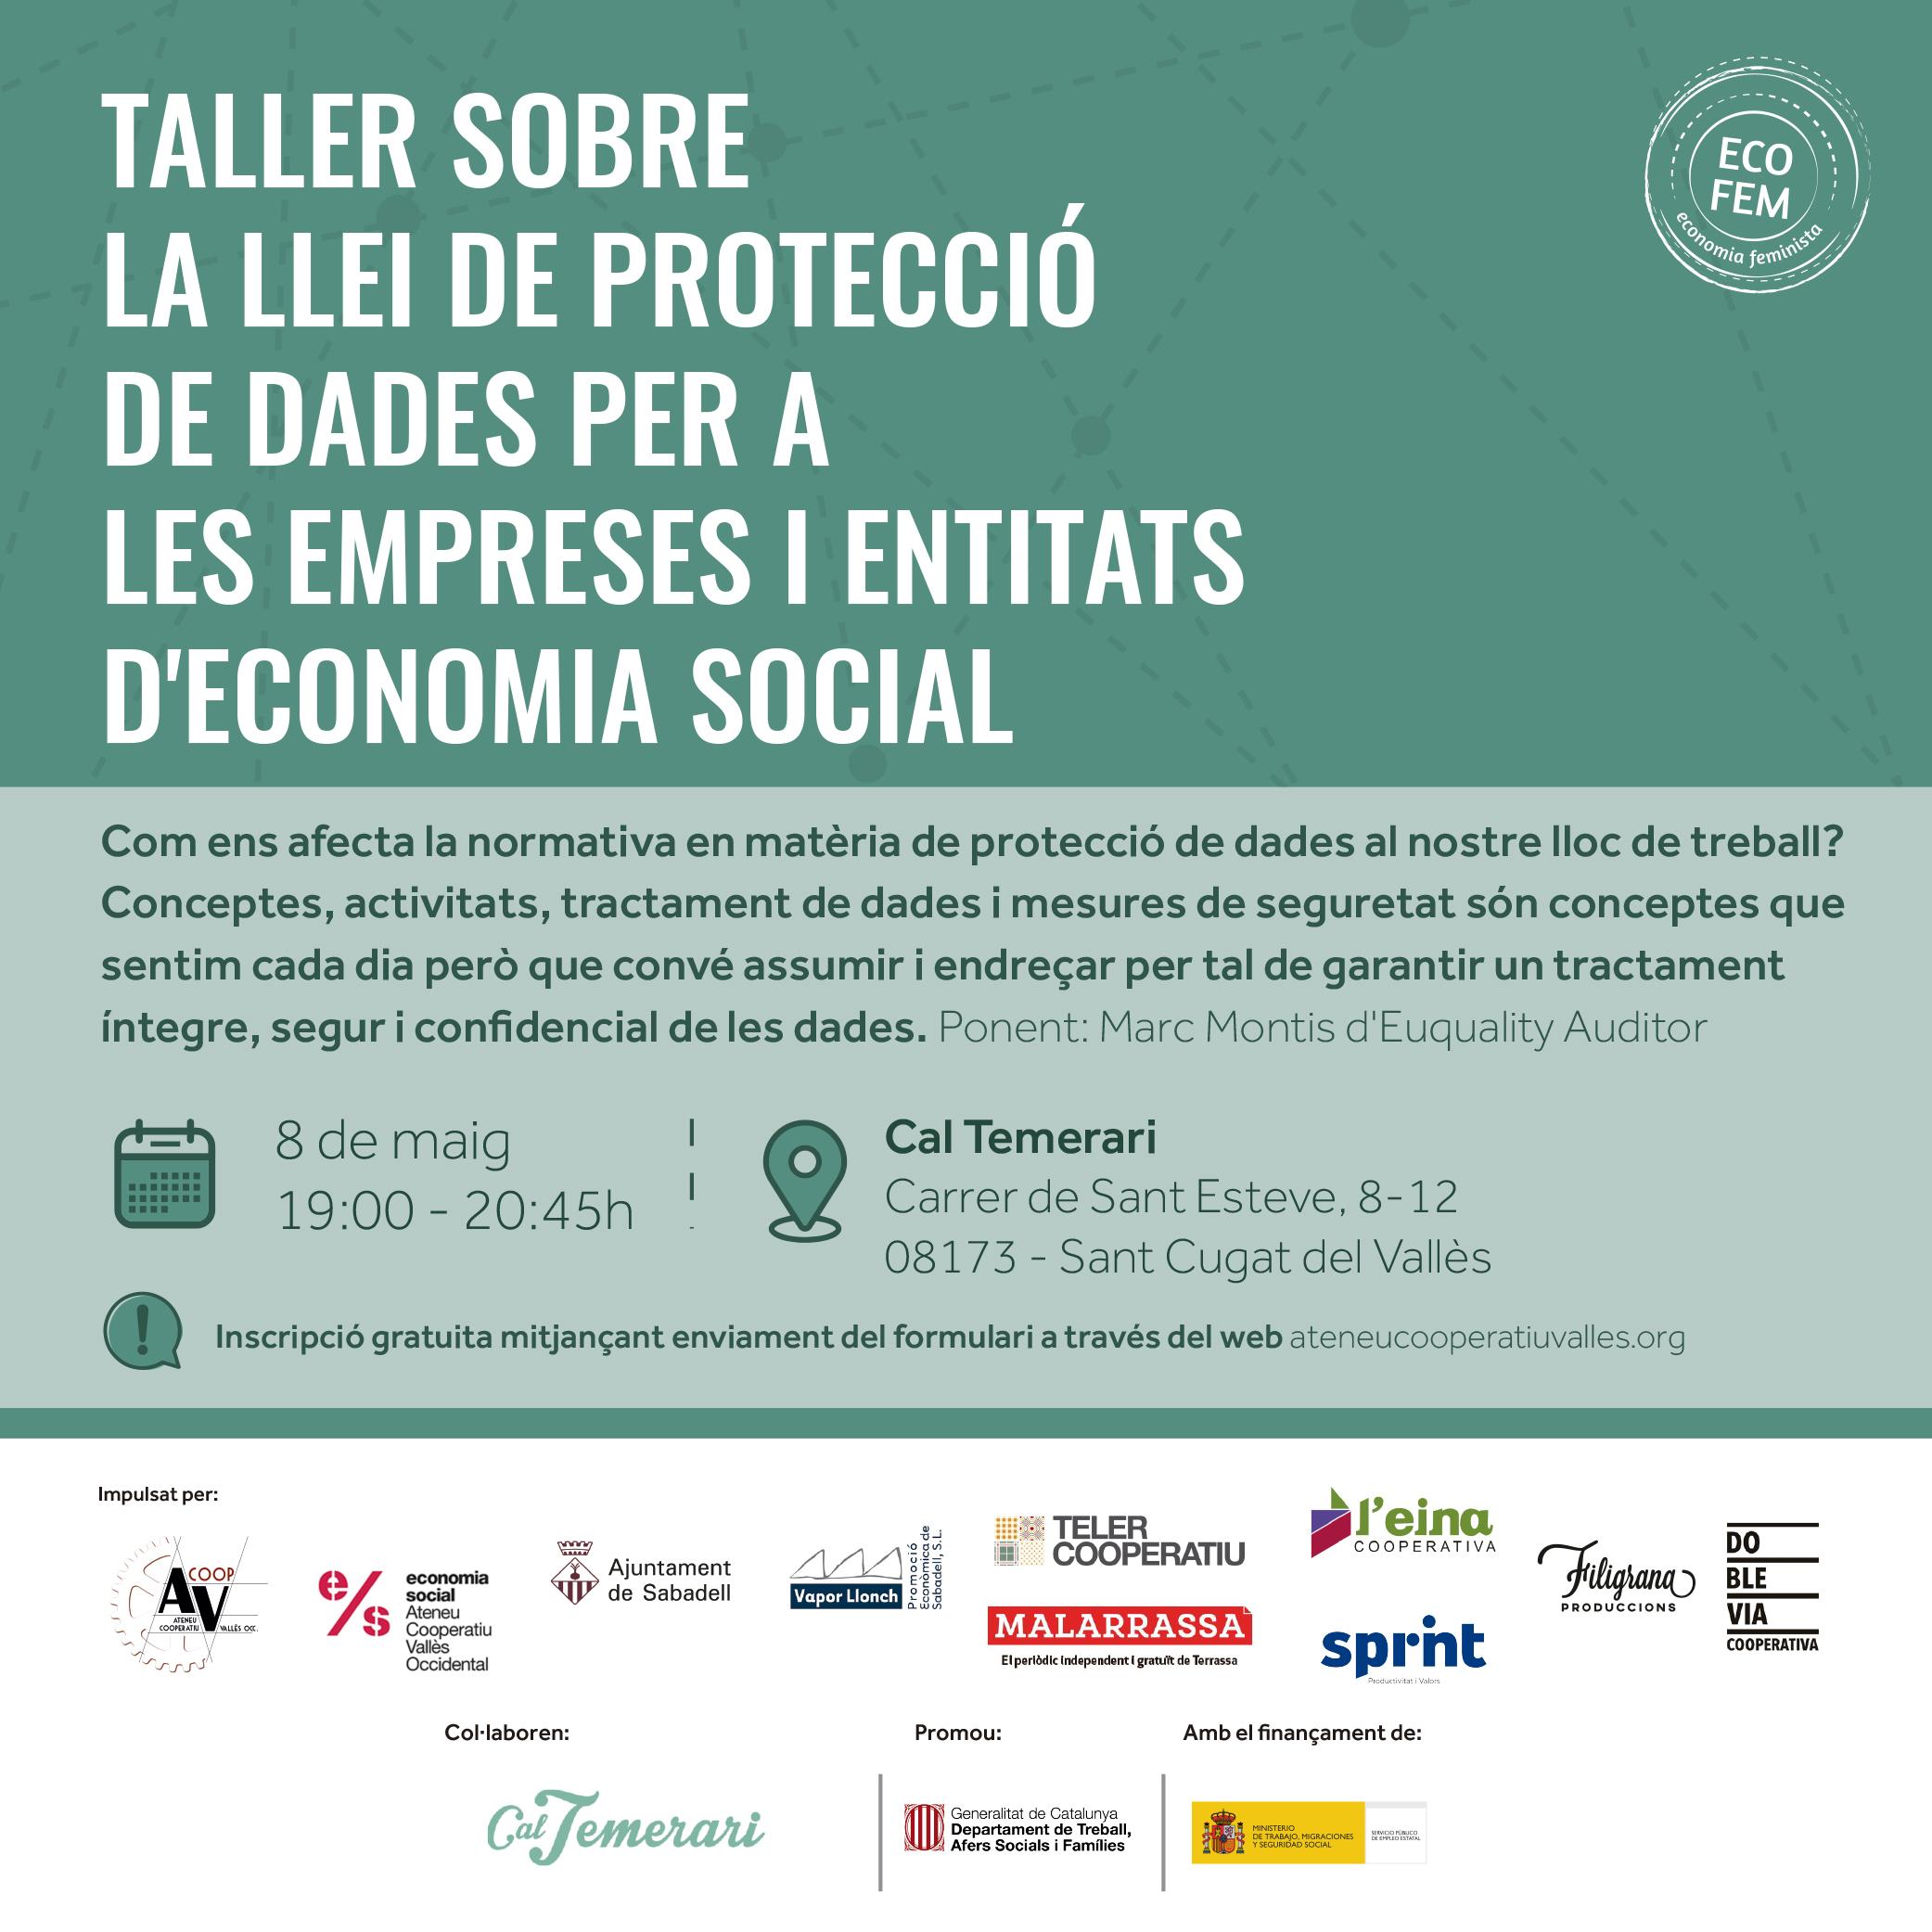 Taller sobre la Llei de protecció de dades per a les empreses i entitats economia social